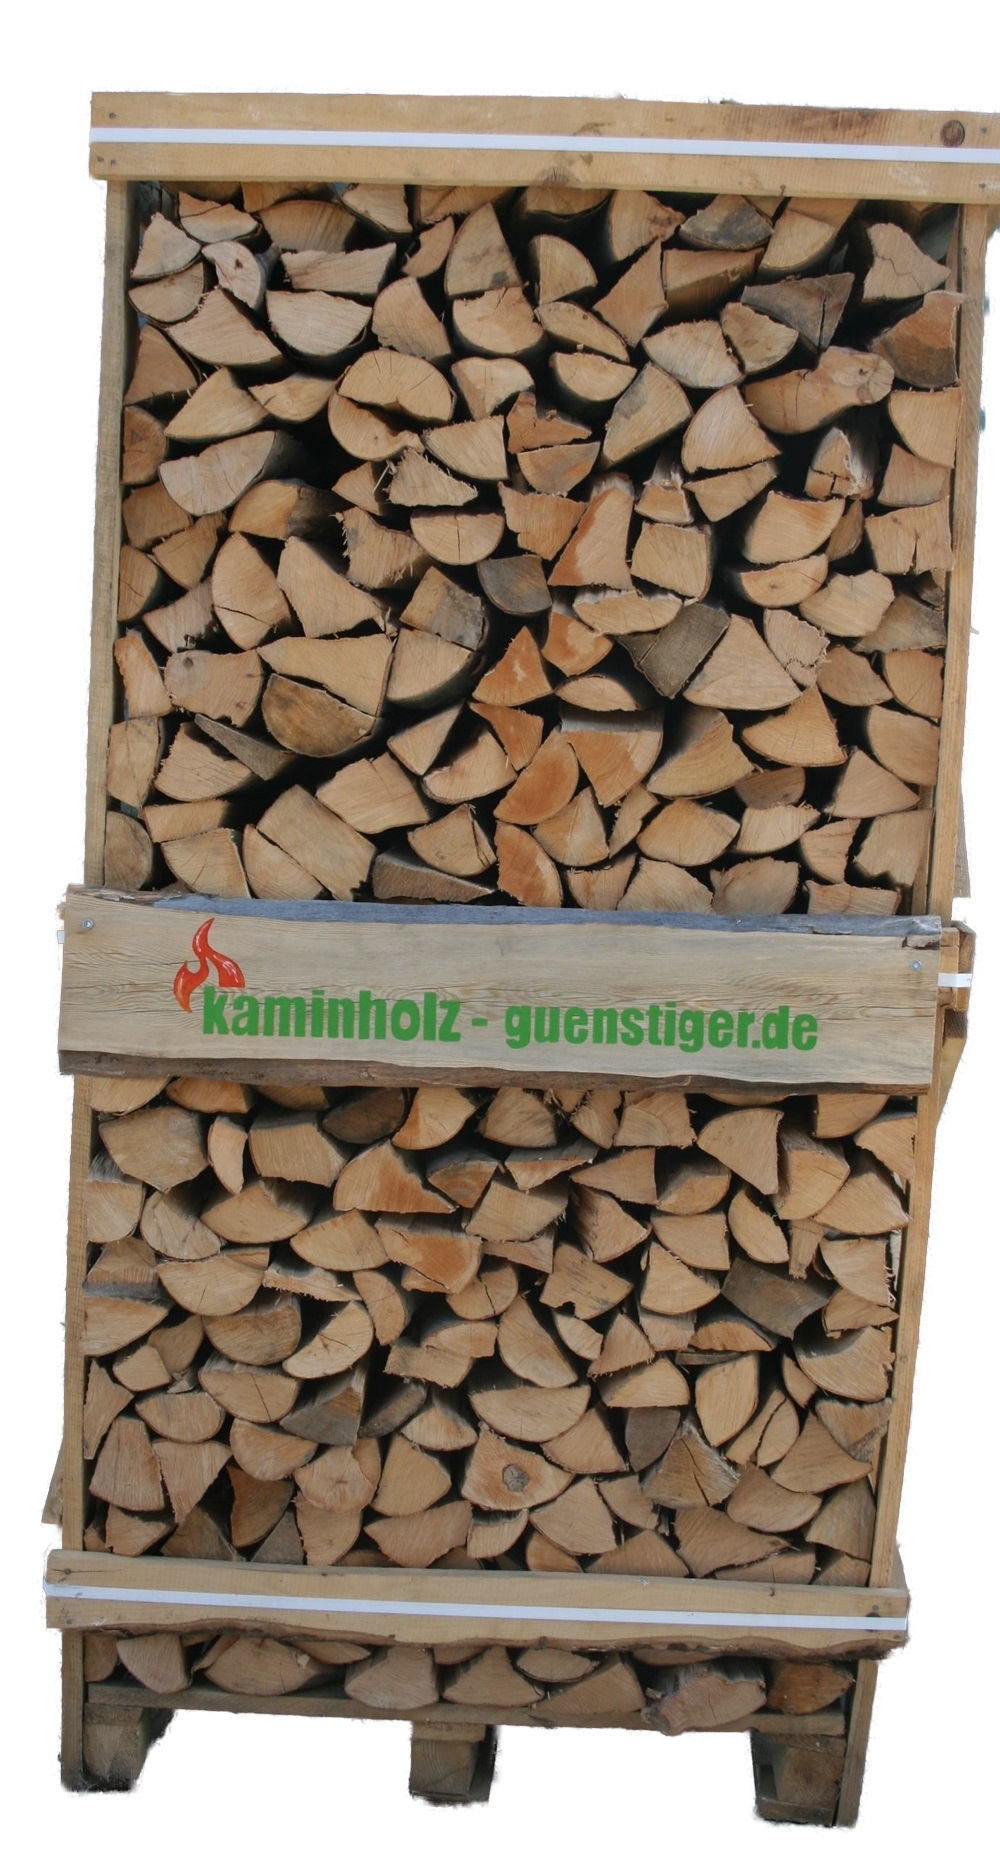 Pappel frisch 50 cm - 2 RM